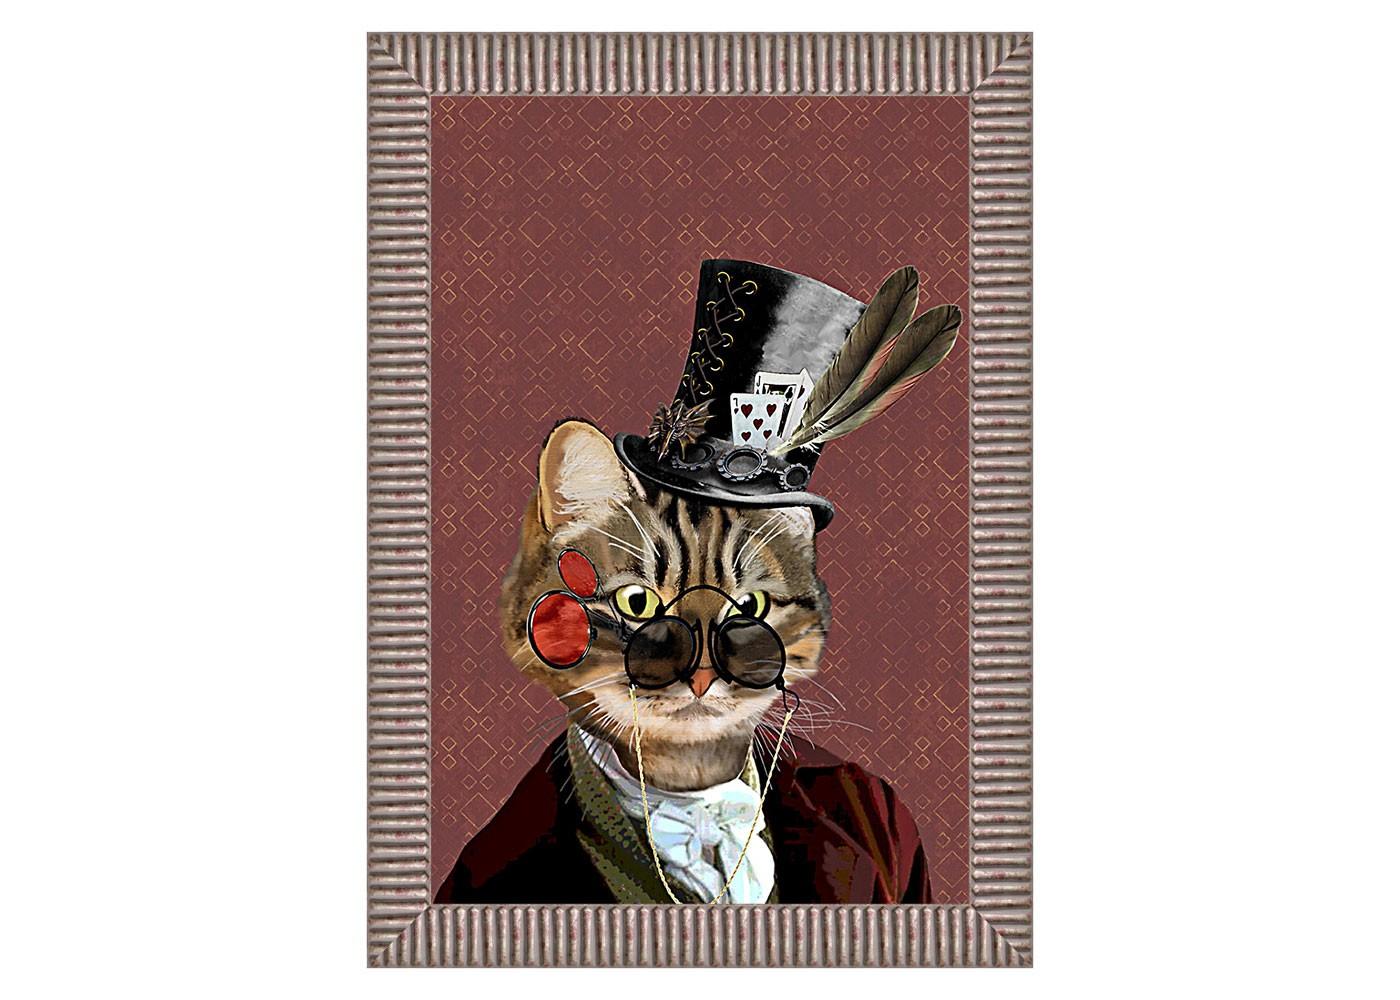 Арт-постер Мистер КотПостеры<br>Дымчатое обрамление эффектно подчеркивает яркость забавной анималистической репродукции, в совершенстве владеющей зарядом интерьерного настроения. Картина &amp;quot;Мистер Кот&amp;quot; - желанное интерьерное украшение гостиной и детской комнат, столовой, спальни, кабинета, холла и прихожей, способное задать пространству яркий салонный стиль.&amp;lt;div&amp;gt;&amp;lt;br&amp;gt;&amp;lt;/div&amp;gt;&amp;lt;div&amp;gt;&amp;lt;br&amp;gt;&amp;lt;/div&amp;gt;&amp;lt;div&amp;gt;&amp;lt;br&amp;gt;&amp;lt;/div&amp;gt;&amp;lt;div&amp;gt;&amp;lt;br&amp;gt;&amp;lt;/div&amp;gt;&amp;lt;div&amp;gt;&amp;lt;br&amp;gt;&amp;lt;/div&amp;gt;&amp;lt;div&amp;gt;&amp;lt;br&amp;gt;&amp;lt;/div&amp;gt;&amp;lt;div&amp;gt;&amp;lt;br&amp;gt;&amp;lt;/div&amp;gt;&amp;lt;div&amp;gt;&amp;lt;iframe width=&amp;quot;530&amp;quot; height=&amp;quot;315&amp;quot; src=&amp;quot;https://www.youtube.com/embed/3vitXSFtUrE&amp;quot; frameborder=&amp;quot;0&amp;quot; allowfullscreen=&amp;quot;&amp;quot;&amp;gt;&amp;lt;/iframe&amp;gt;&amp;lt;/div&amp;gt;<br><br>Material: Бумага<br>Ширина см: 50<br>Высота см: 70<br>Глубина см: 4